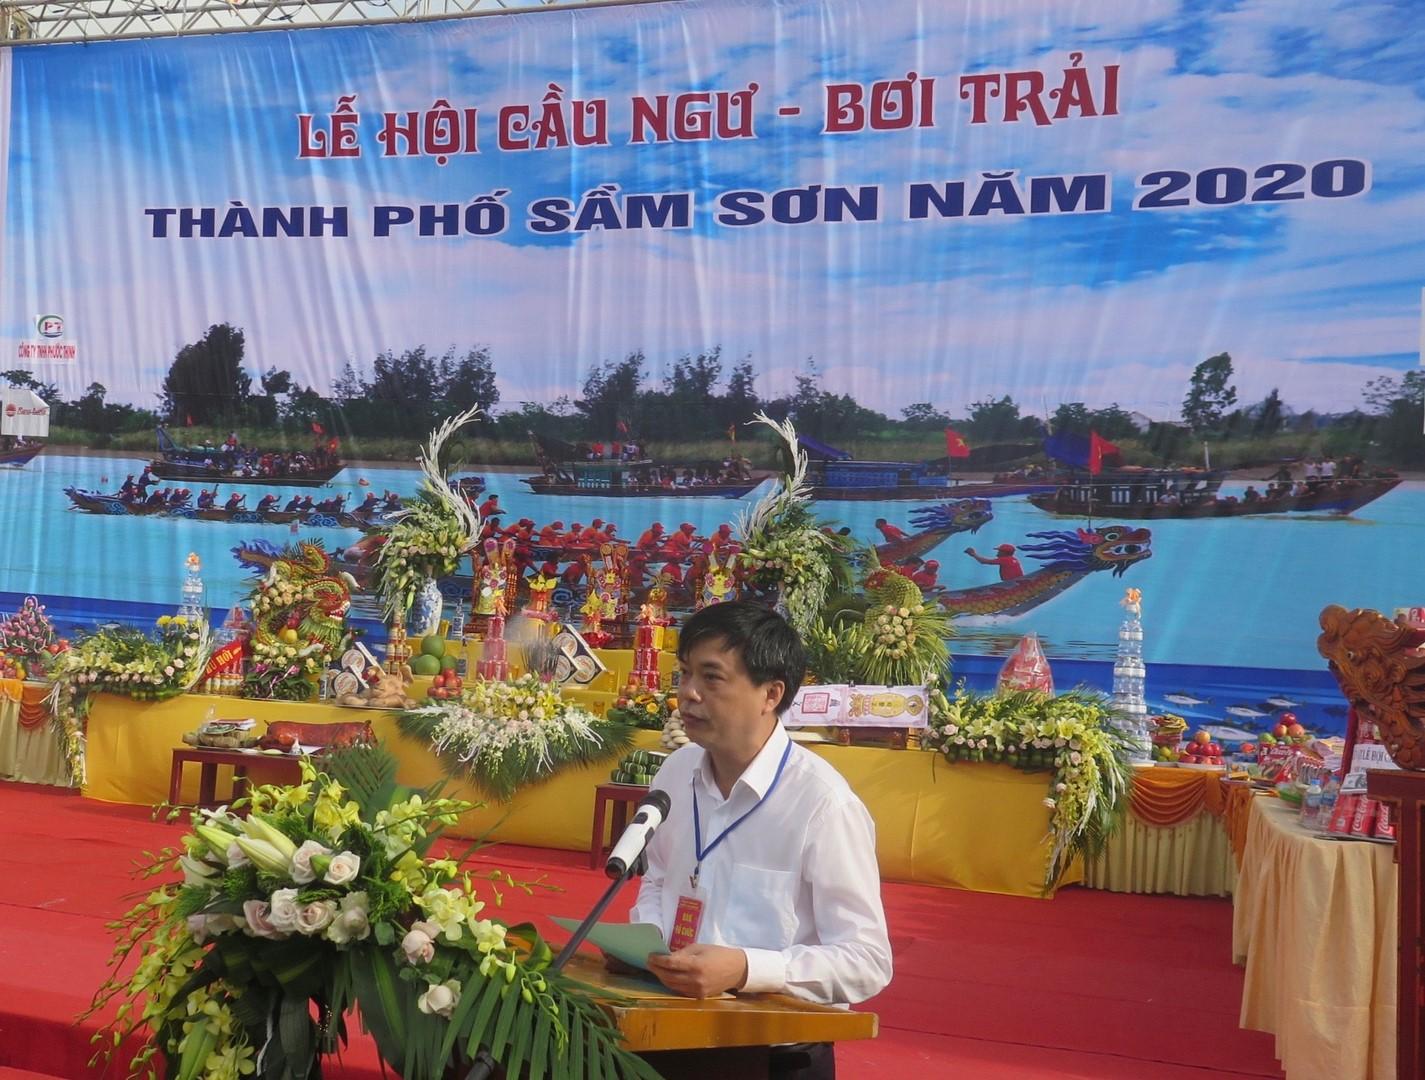 Lễ hội Cầu Ngư Bơi Chải